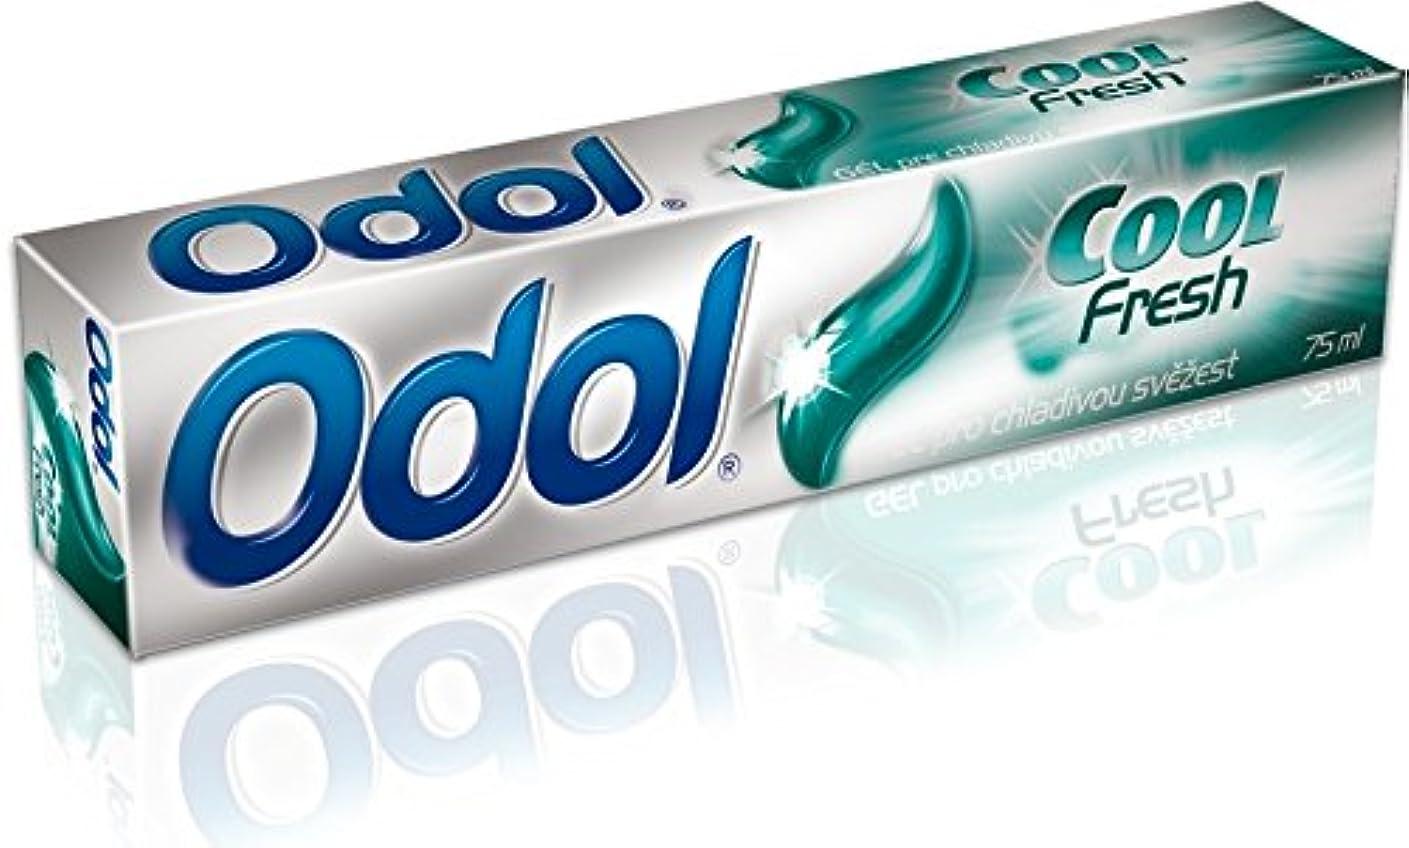 津波入浴慈悲Odol アロエベラ配合歯磨き粉ゲル [原産国:EU] 75ml 3個入り [並行輸入品]